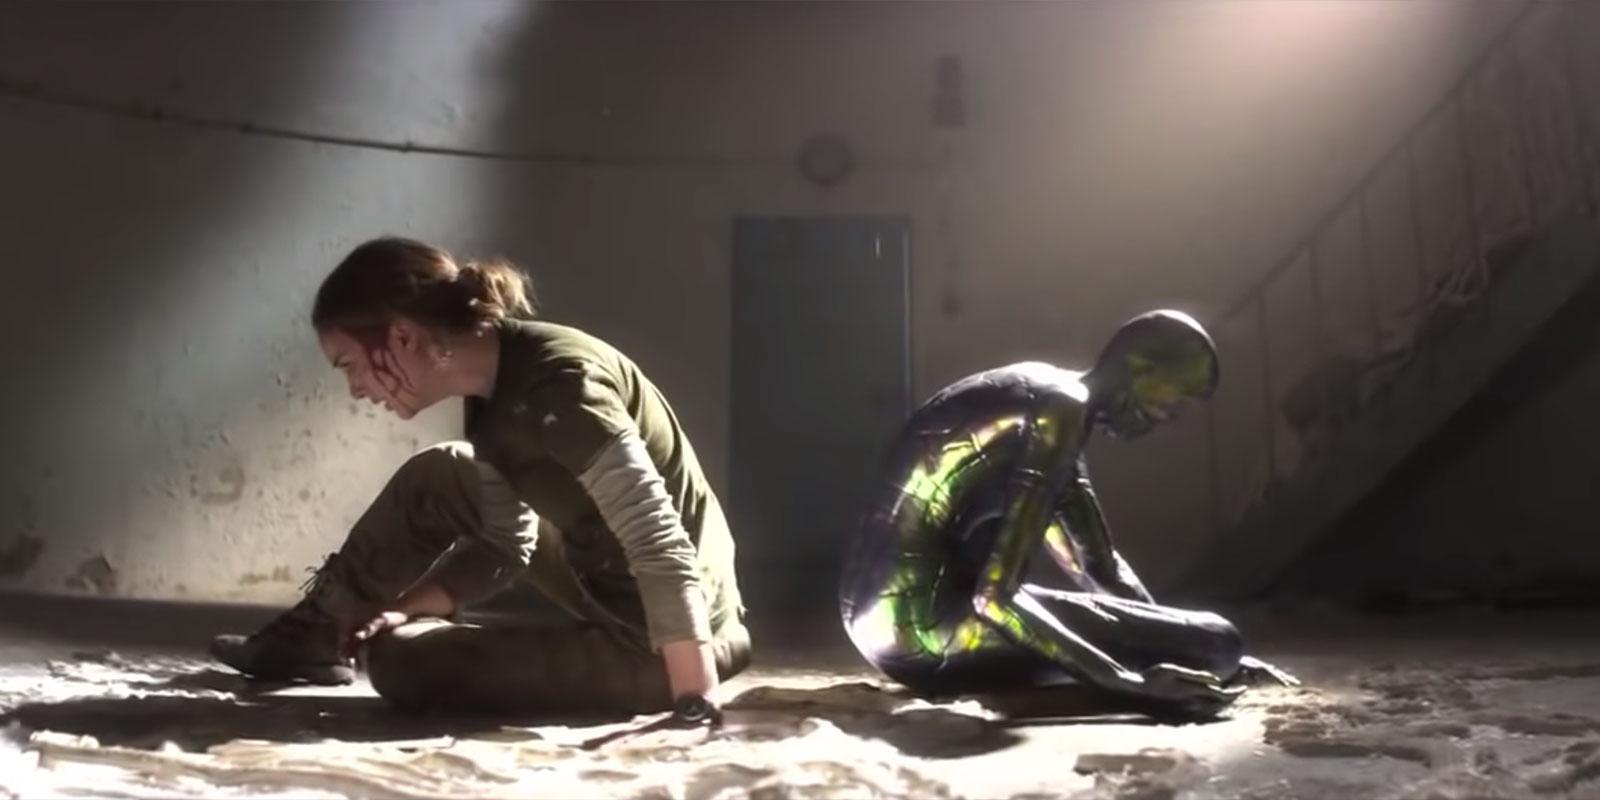 Кадры из фильма Анигиляция 2017